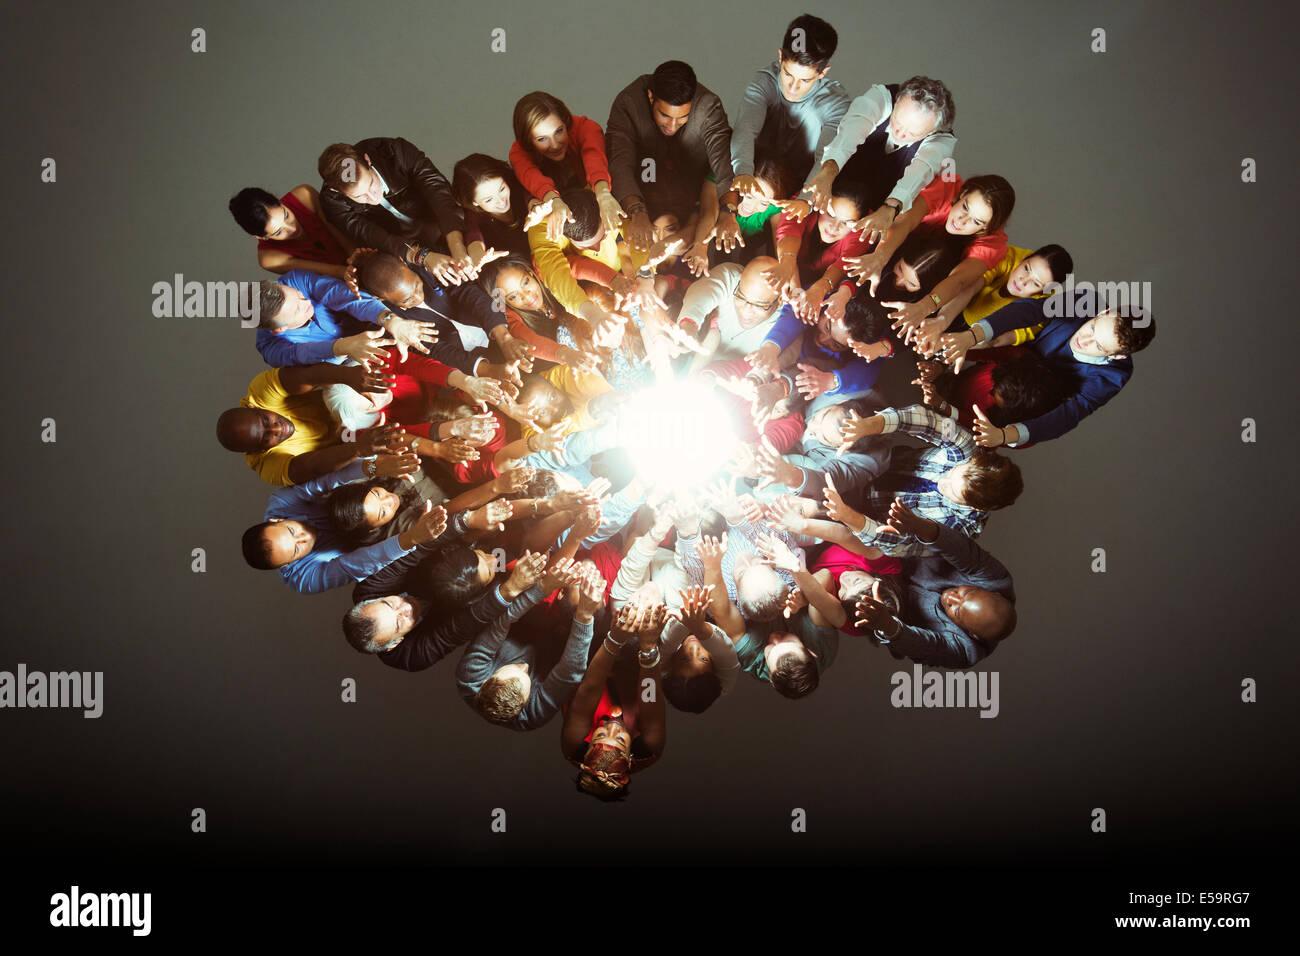 Les travailleurs diverses autour de la lumière vive Photo Stock